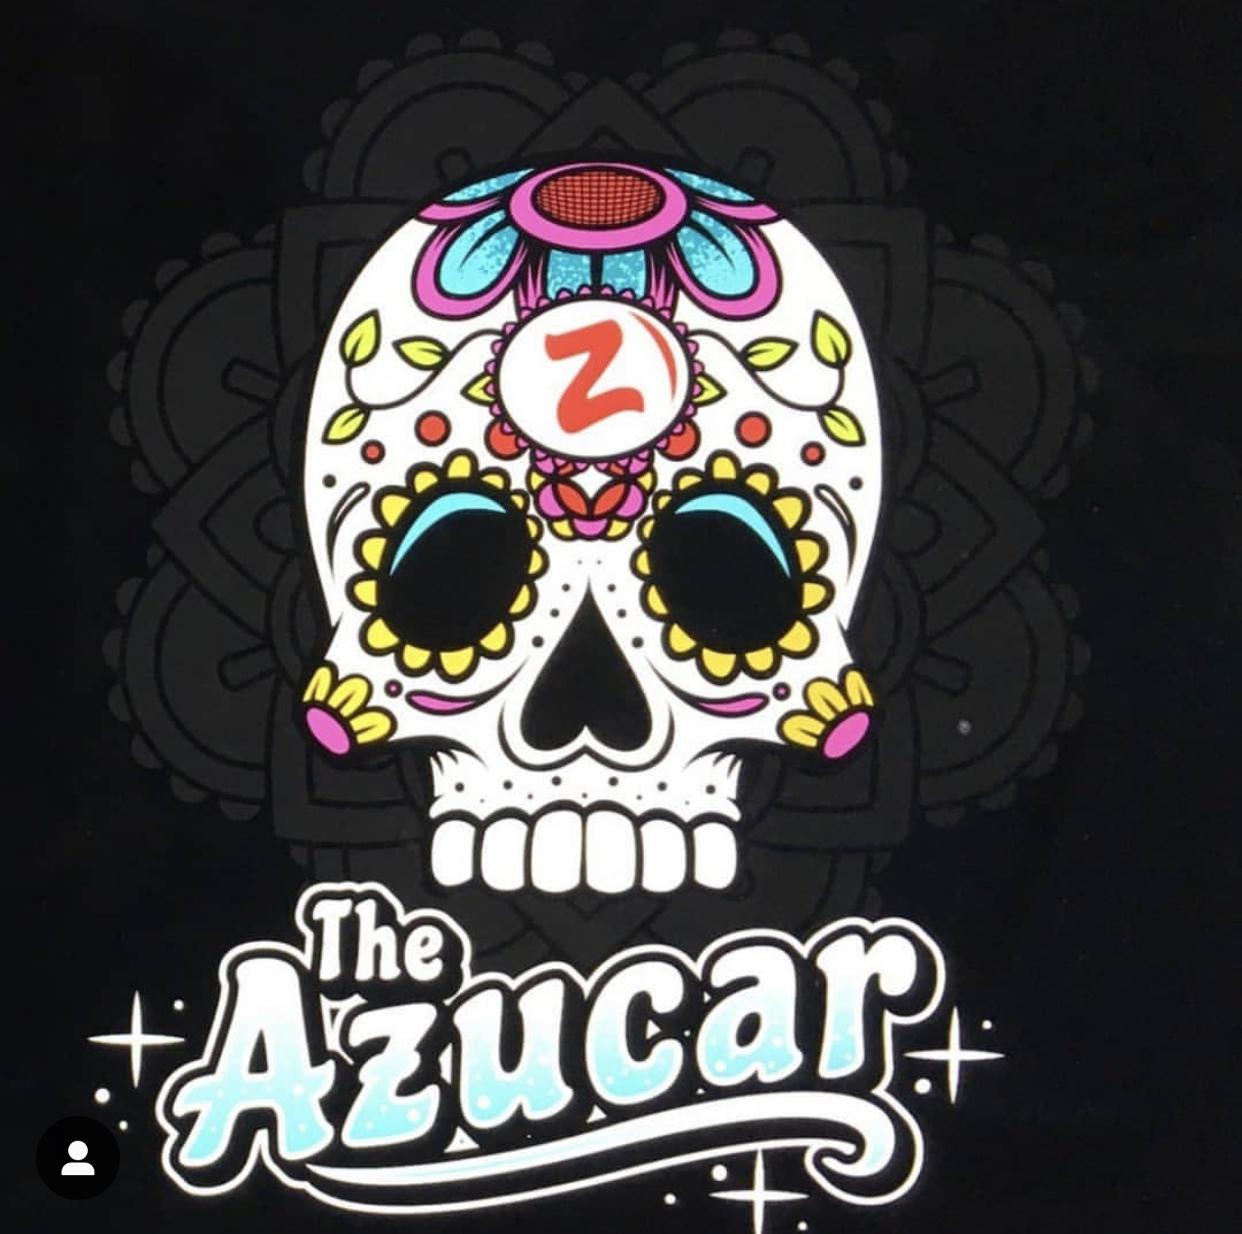 The AZucar by Zkittlez